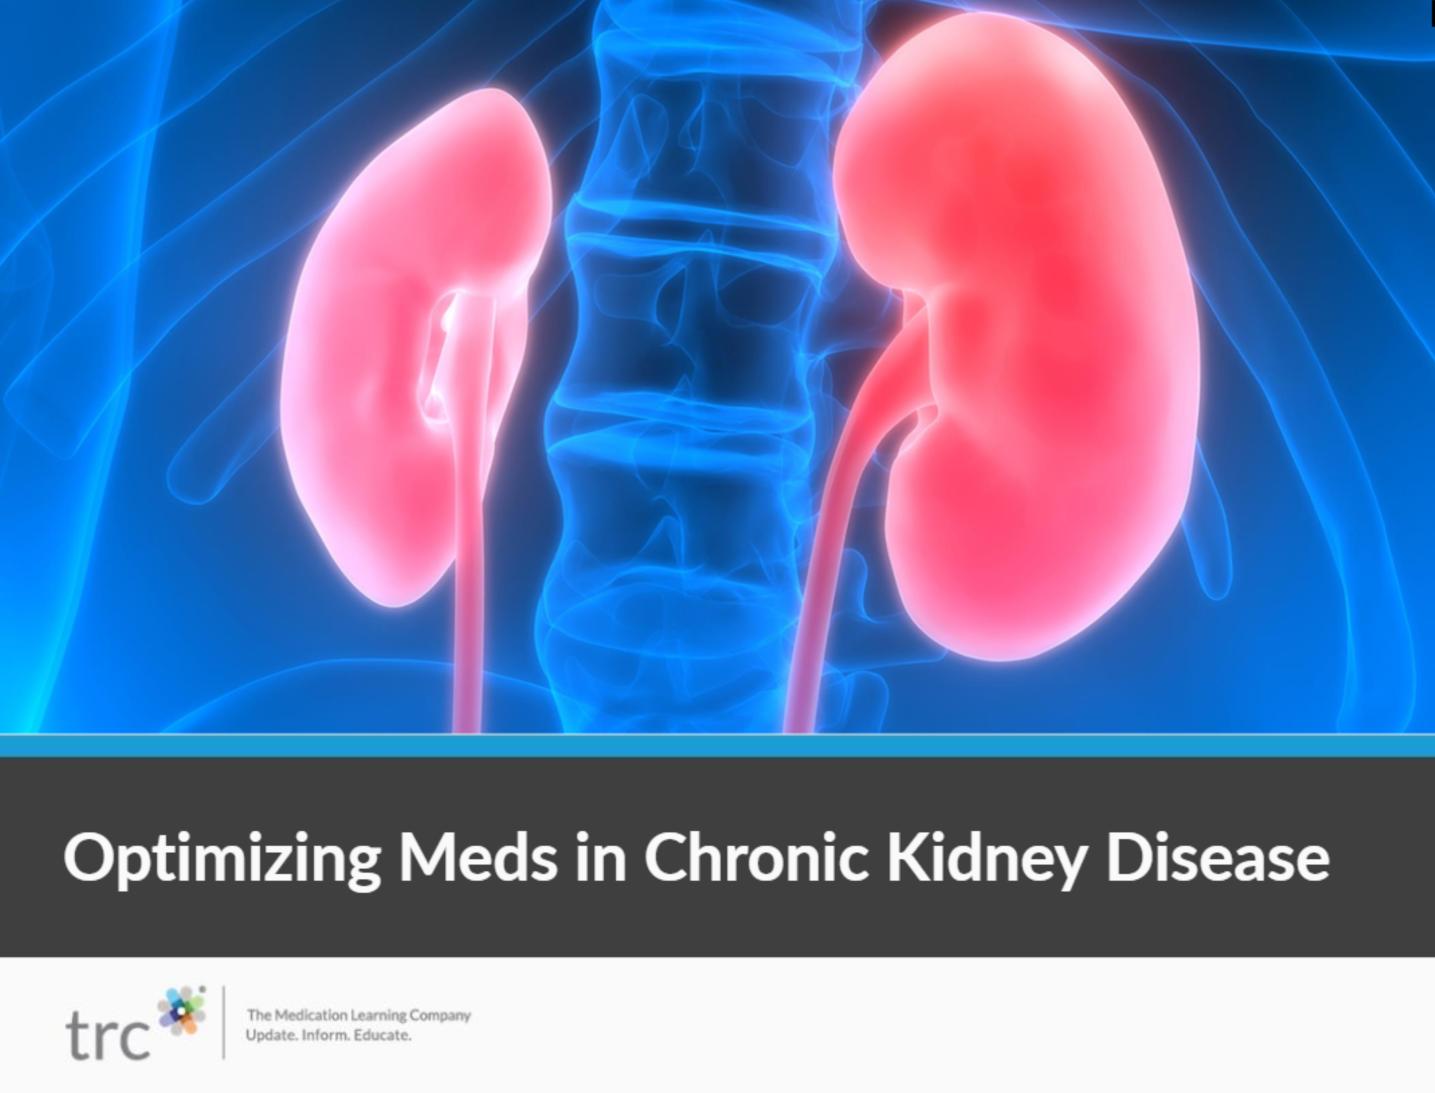 Optimizing Meds in Chronic Kidney Disease